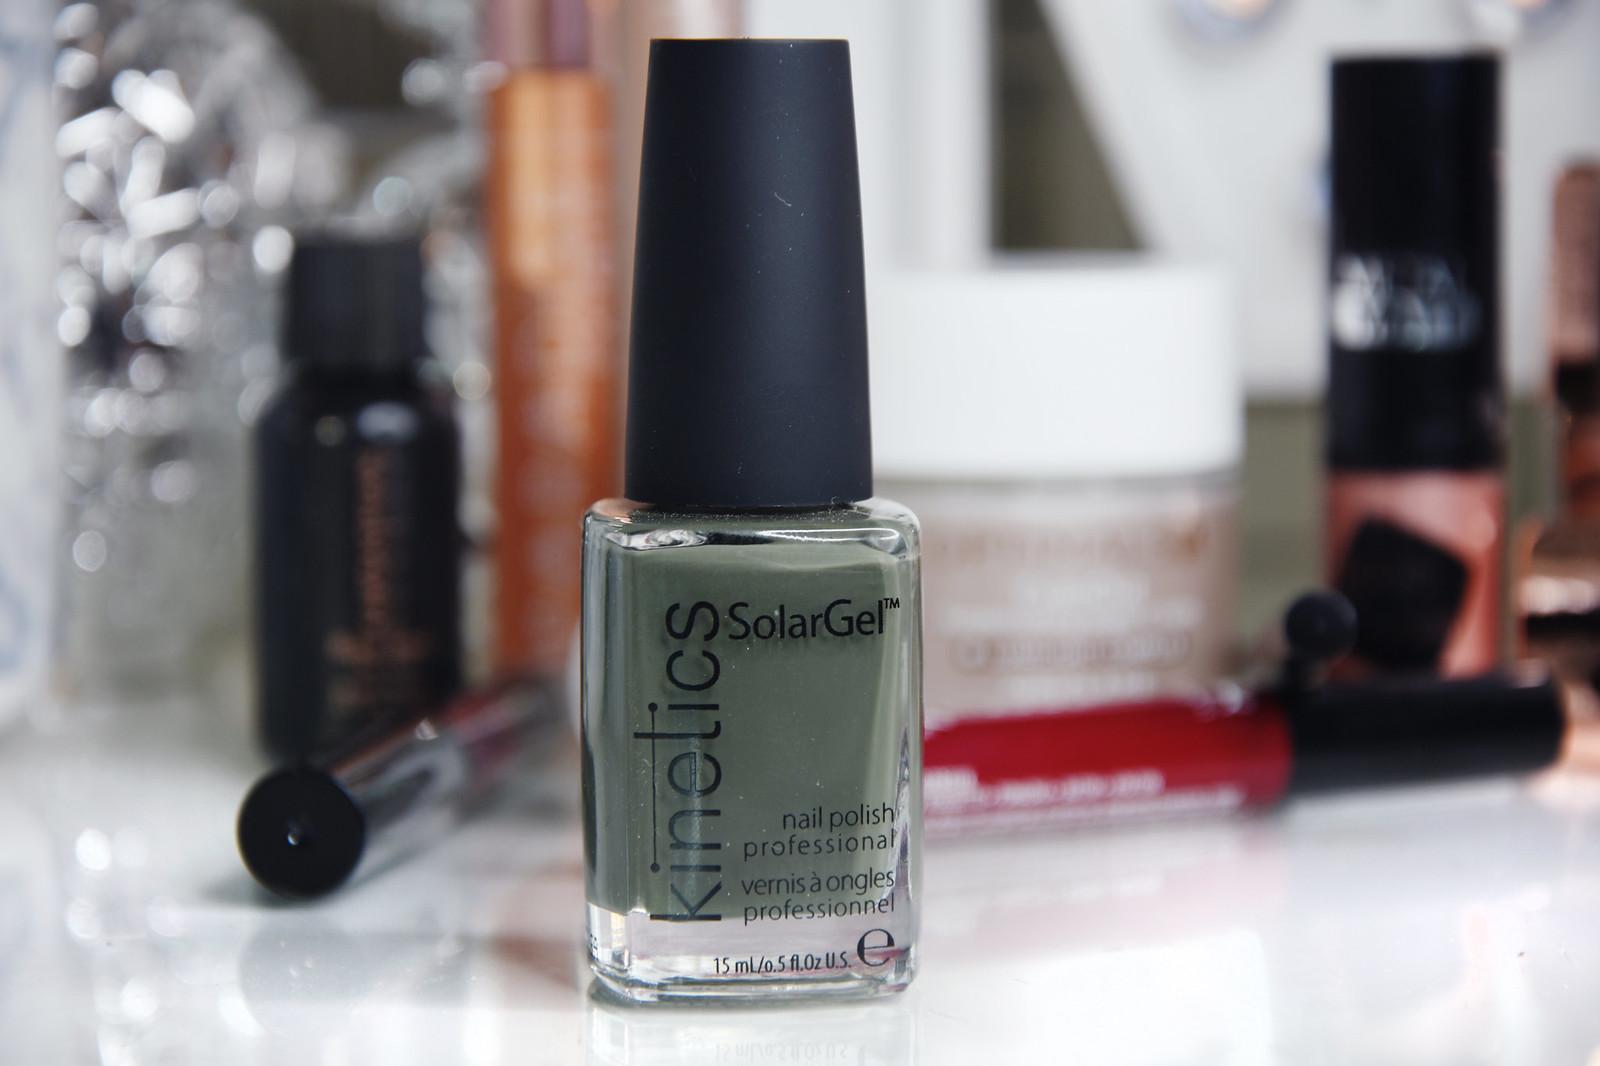 Kinetics nail polish review